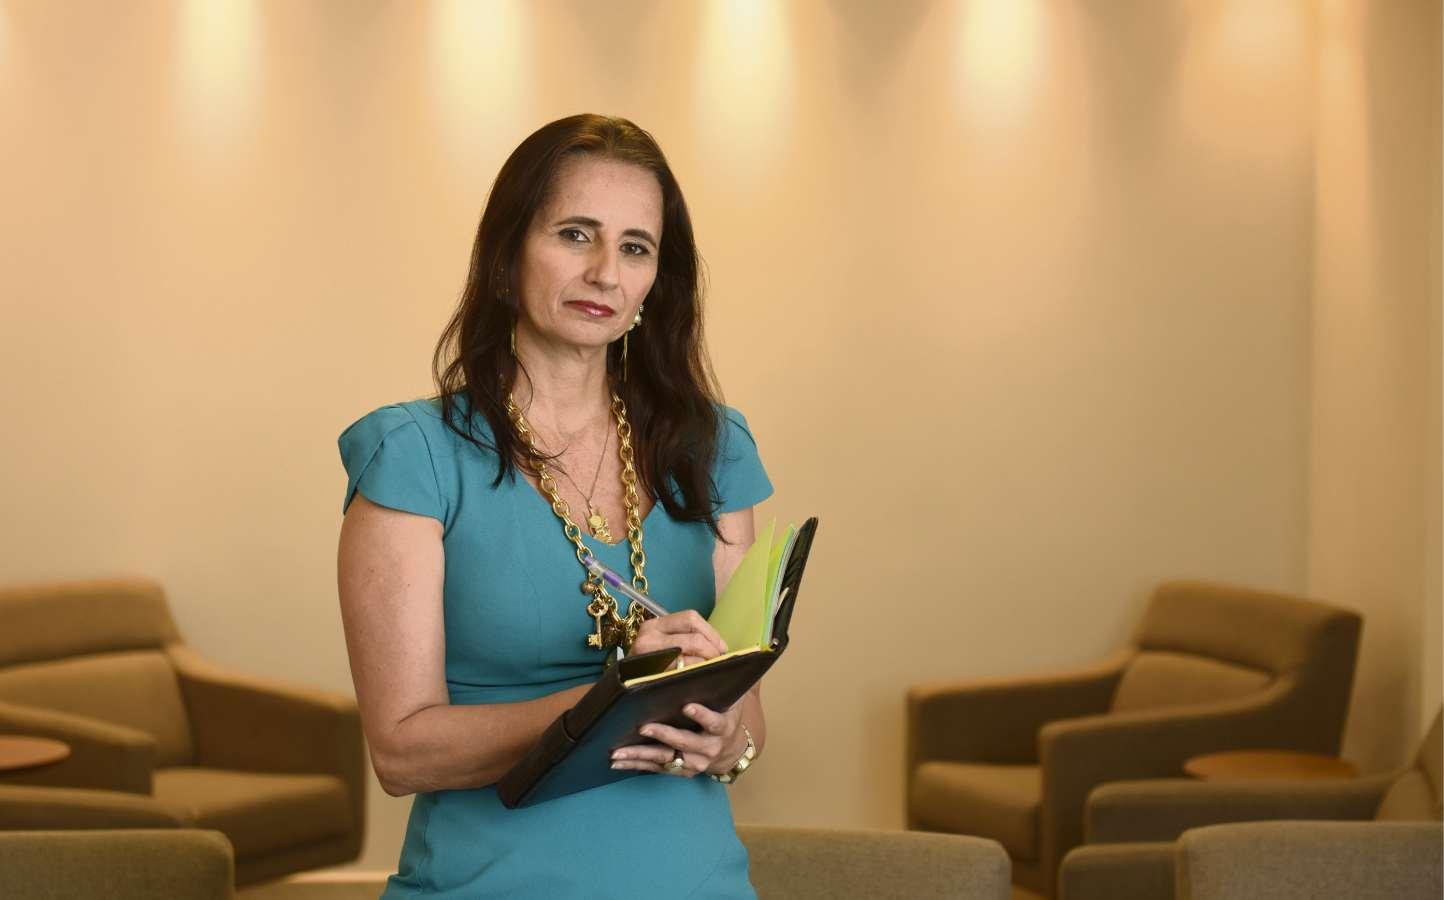 Natache Barros é gerente em uma administradora de benefícios de plano de  saúde 95036803d96c1